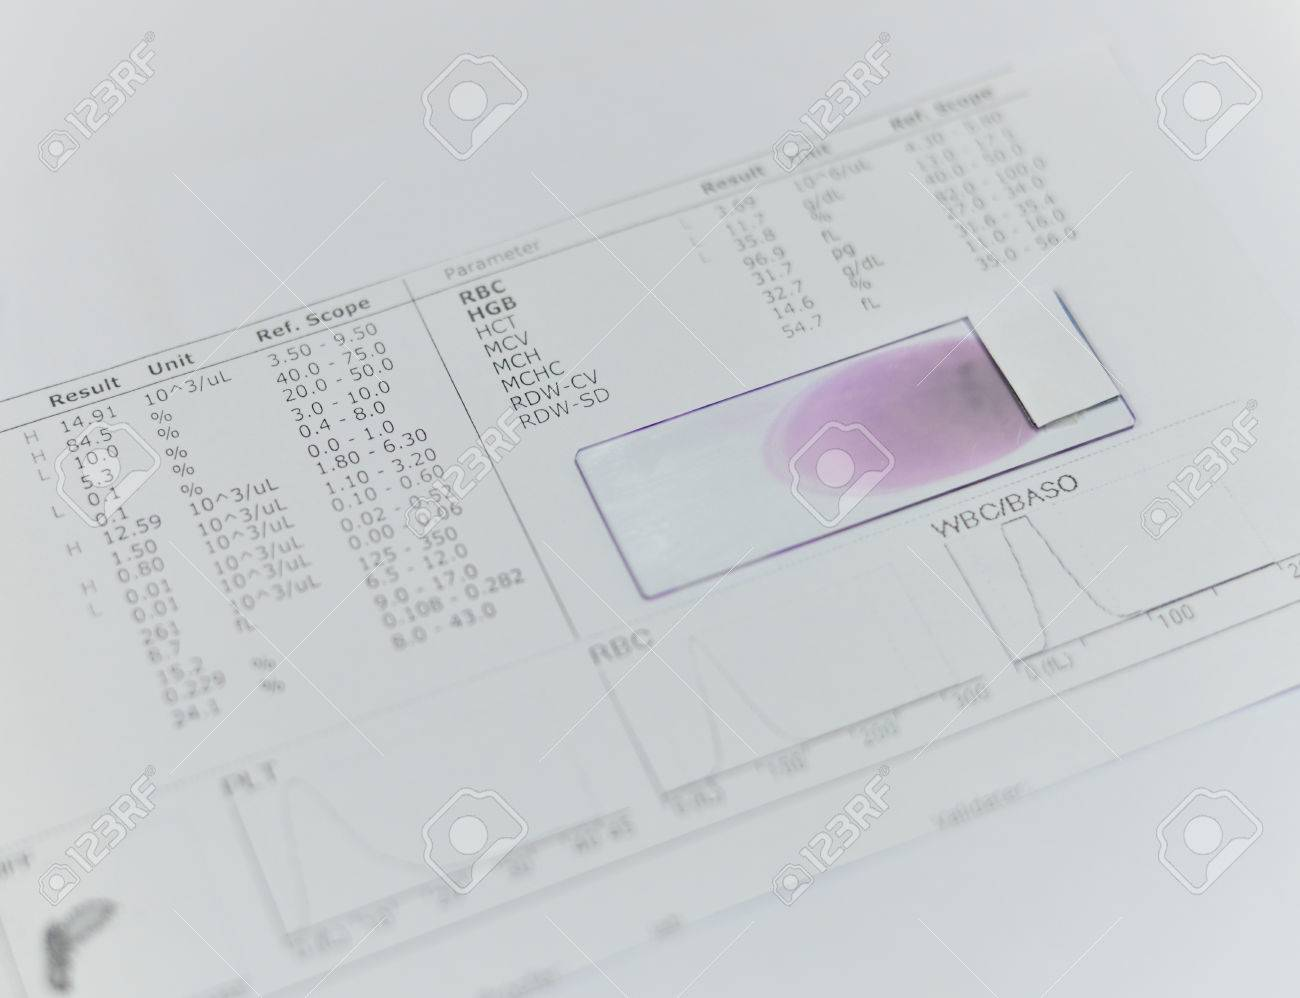 Sangre de rbc analisis